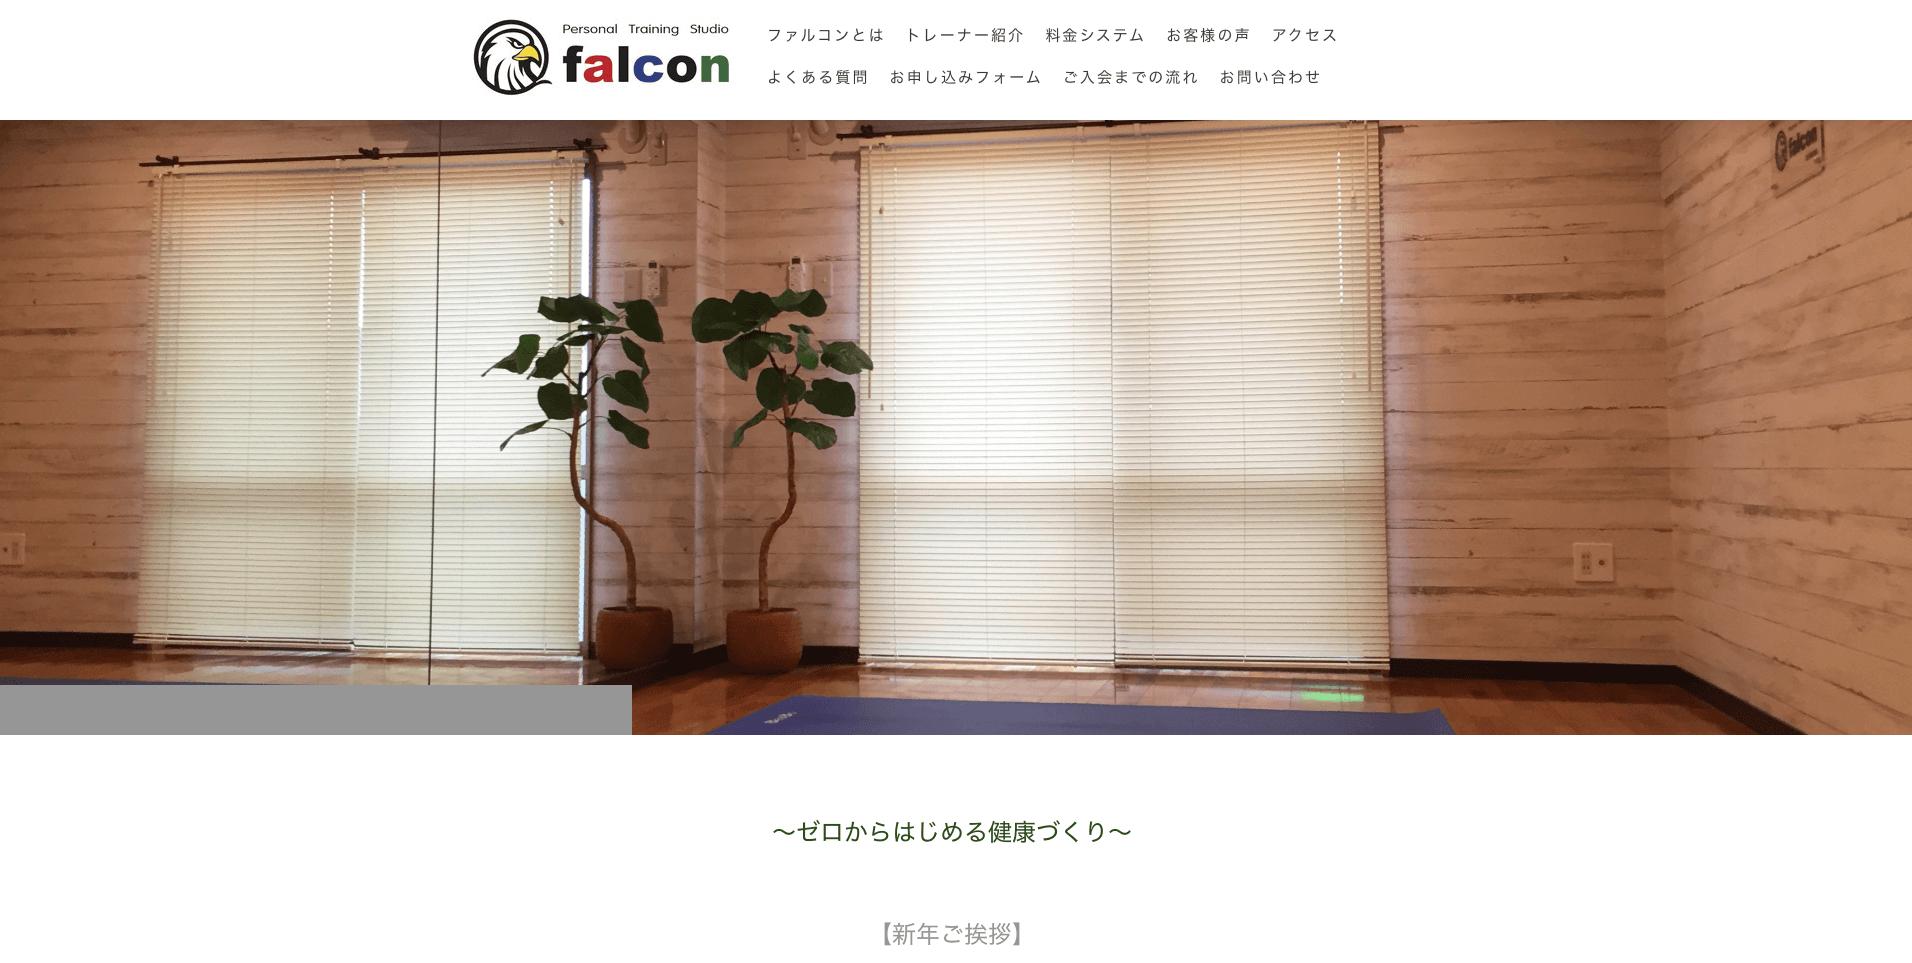 パーソナルトレーニングスタジオ falcon 小禄本店